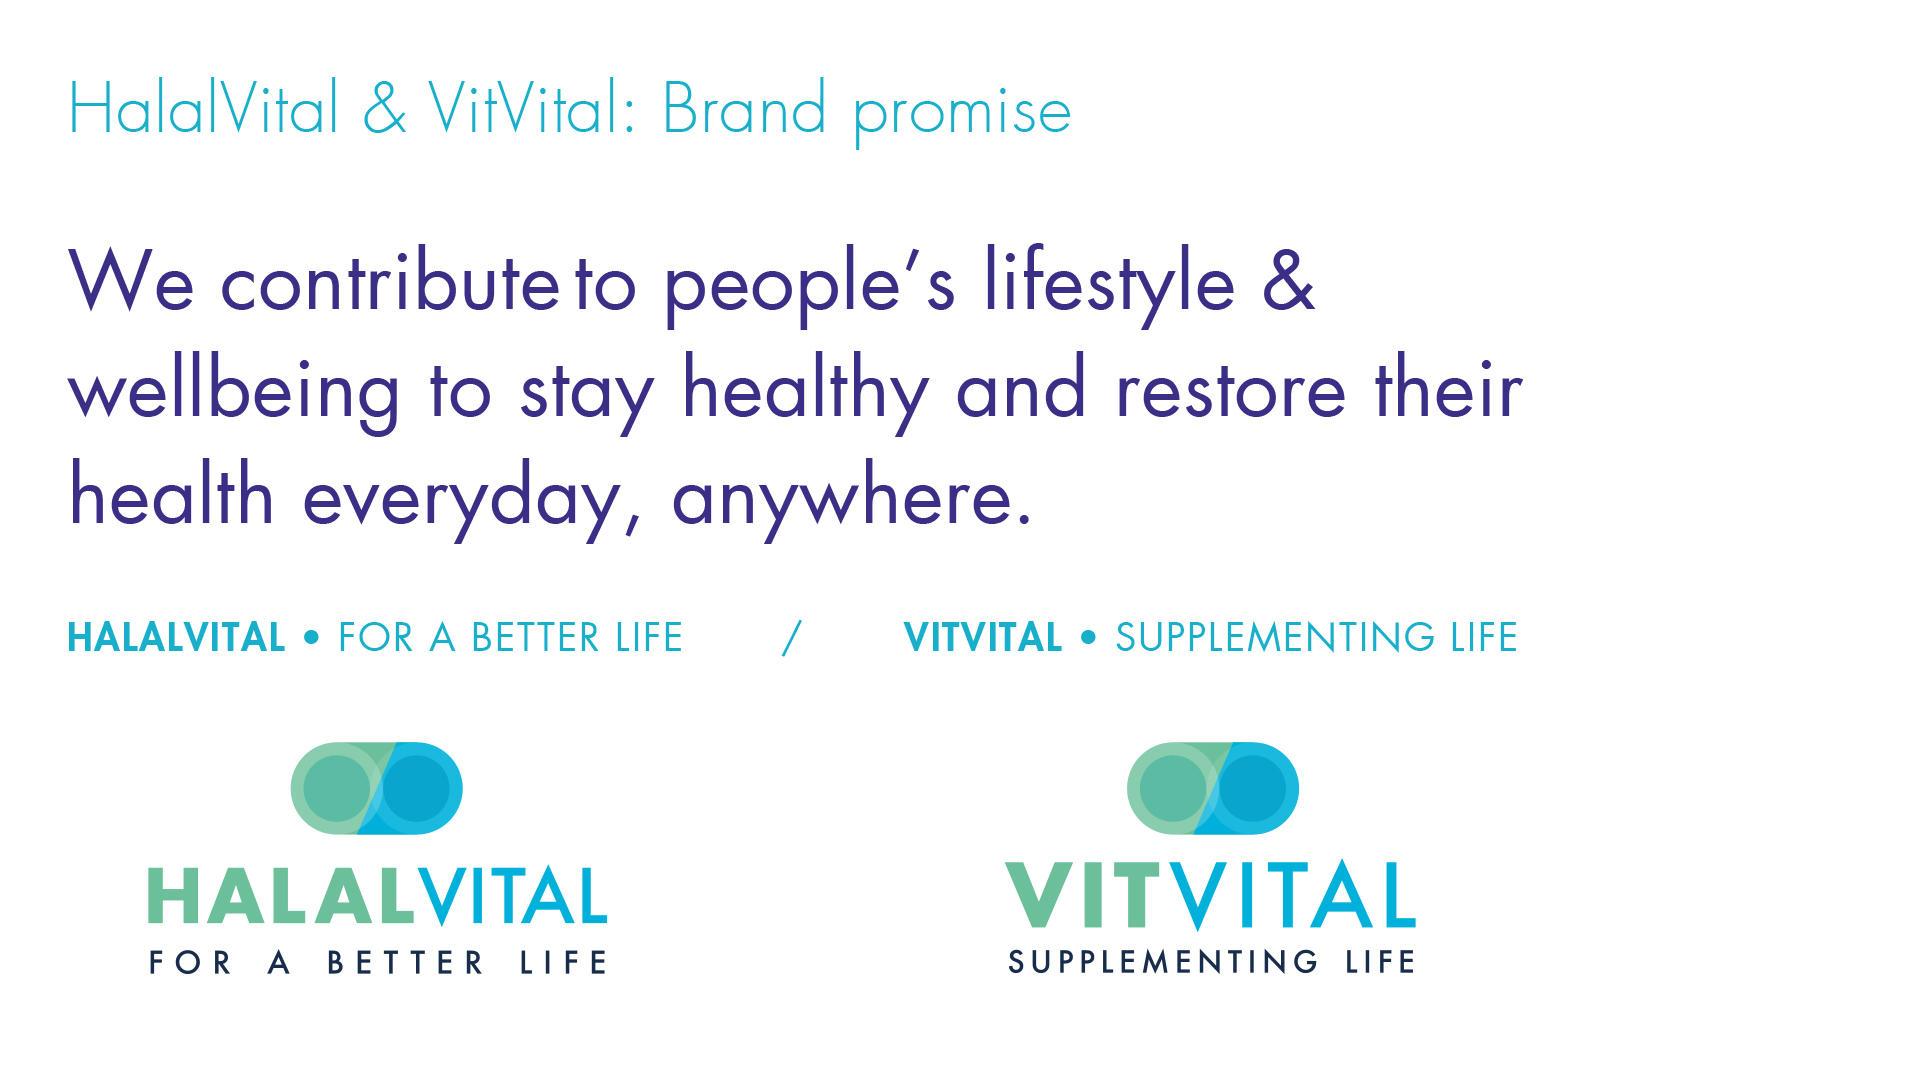 HalalVital. Case. Logos. Brand promise.